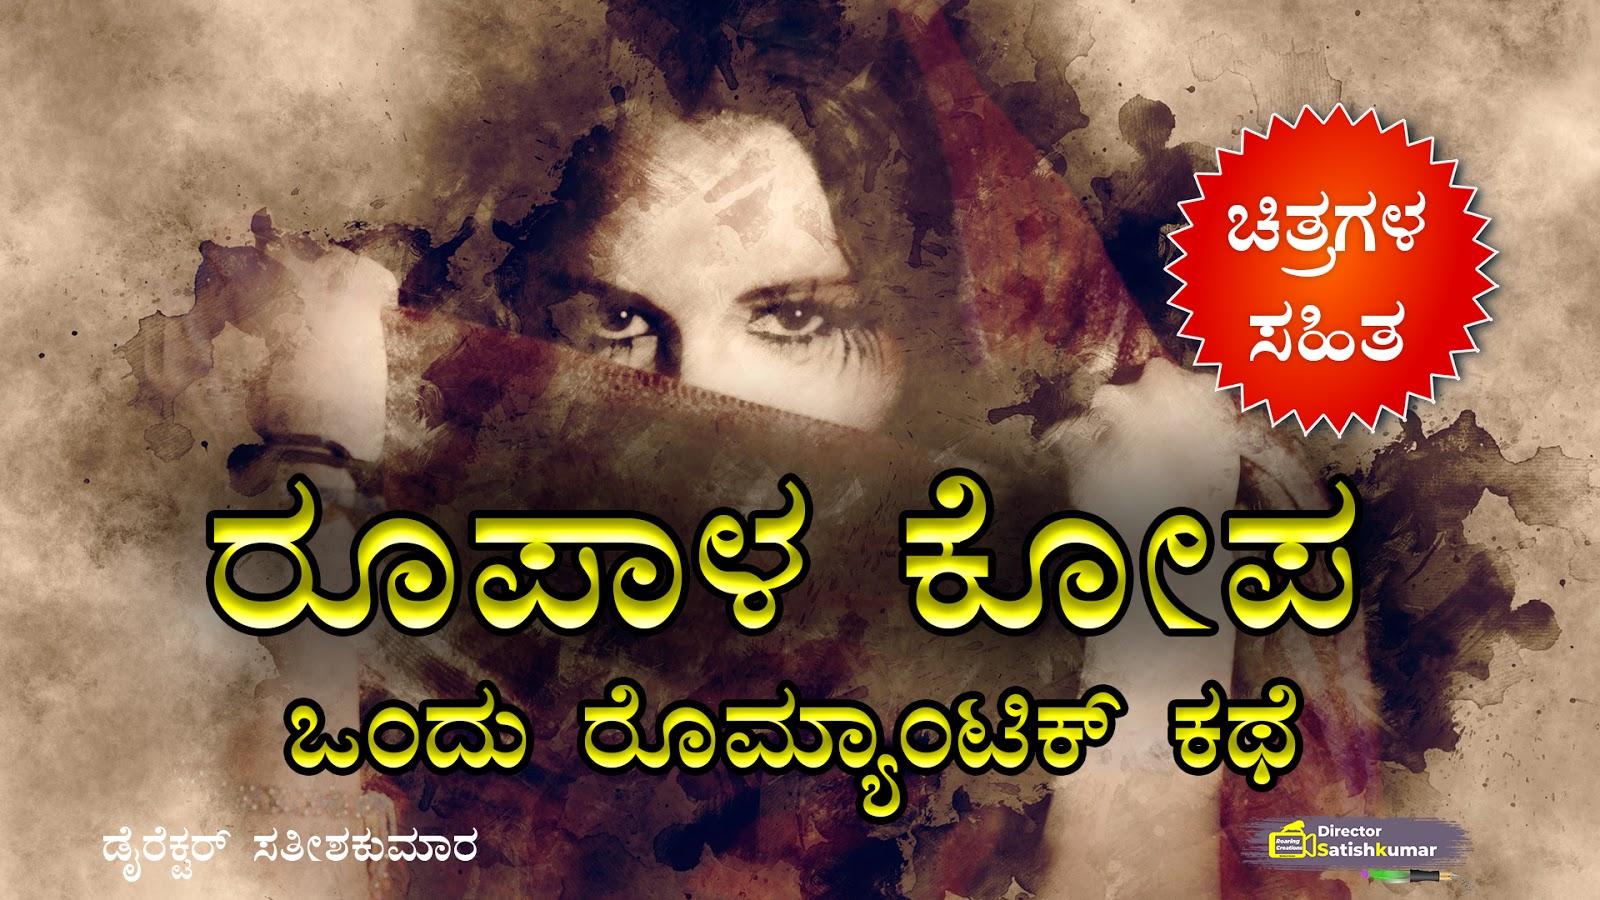 ರೂಪಾಳ ಕೋಪ ; ಒಂದು ರೊಮ್ಯಾಂಟಿಕ್ ಕಥೆ - Kannada Romantic Love Stories - ಕನ್ನಡ ಕಥೆ ಪುಸ್ತಕಗಳು - Kannada Story Books -  E Books Kannada - Kannada Books